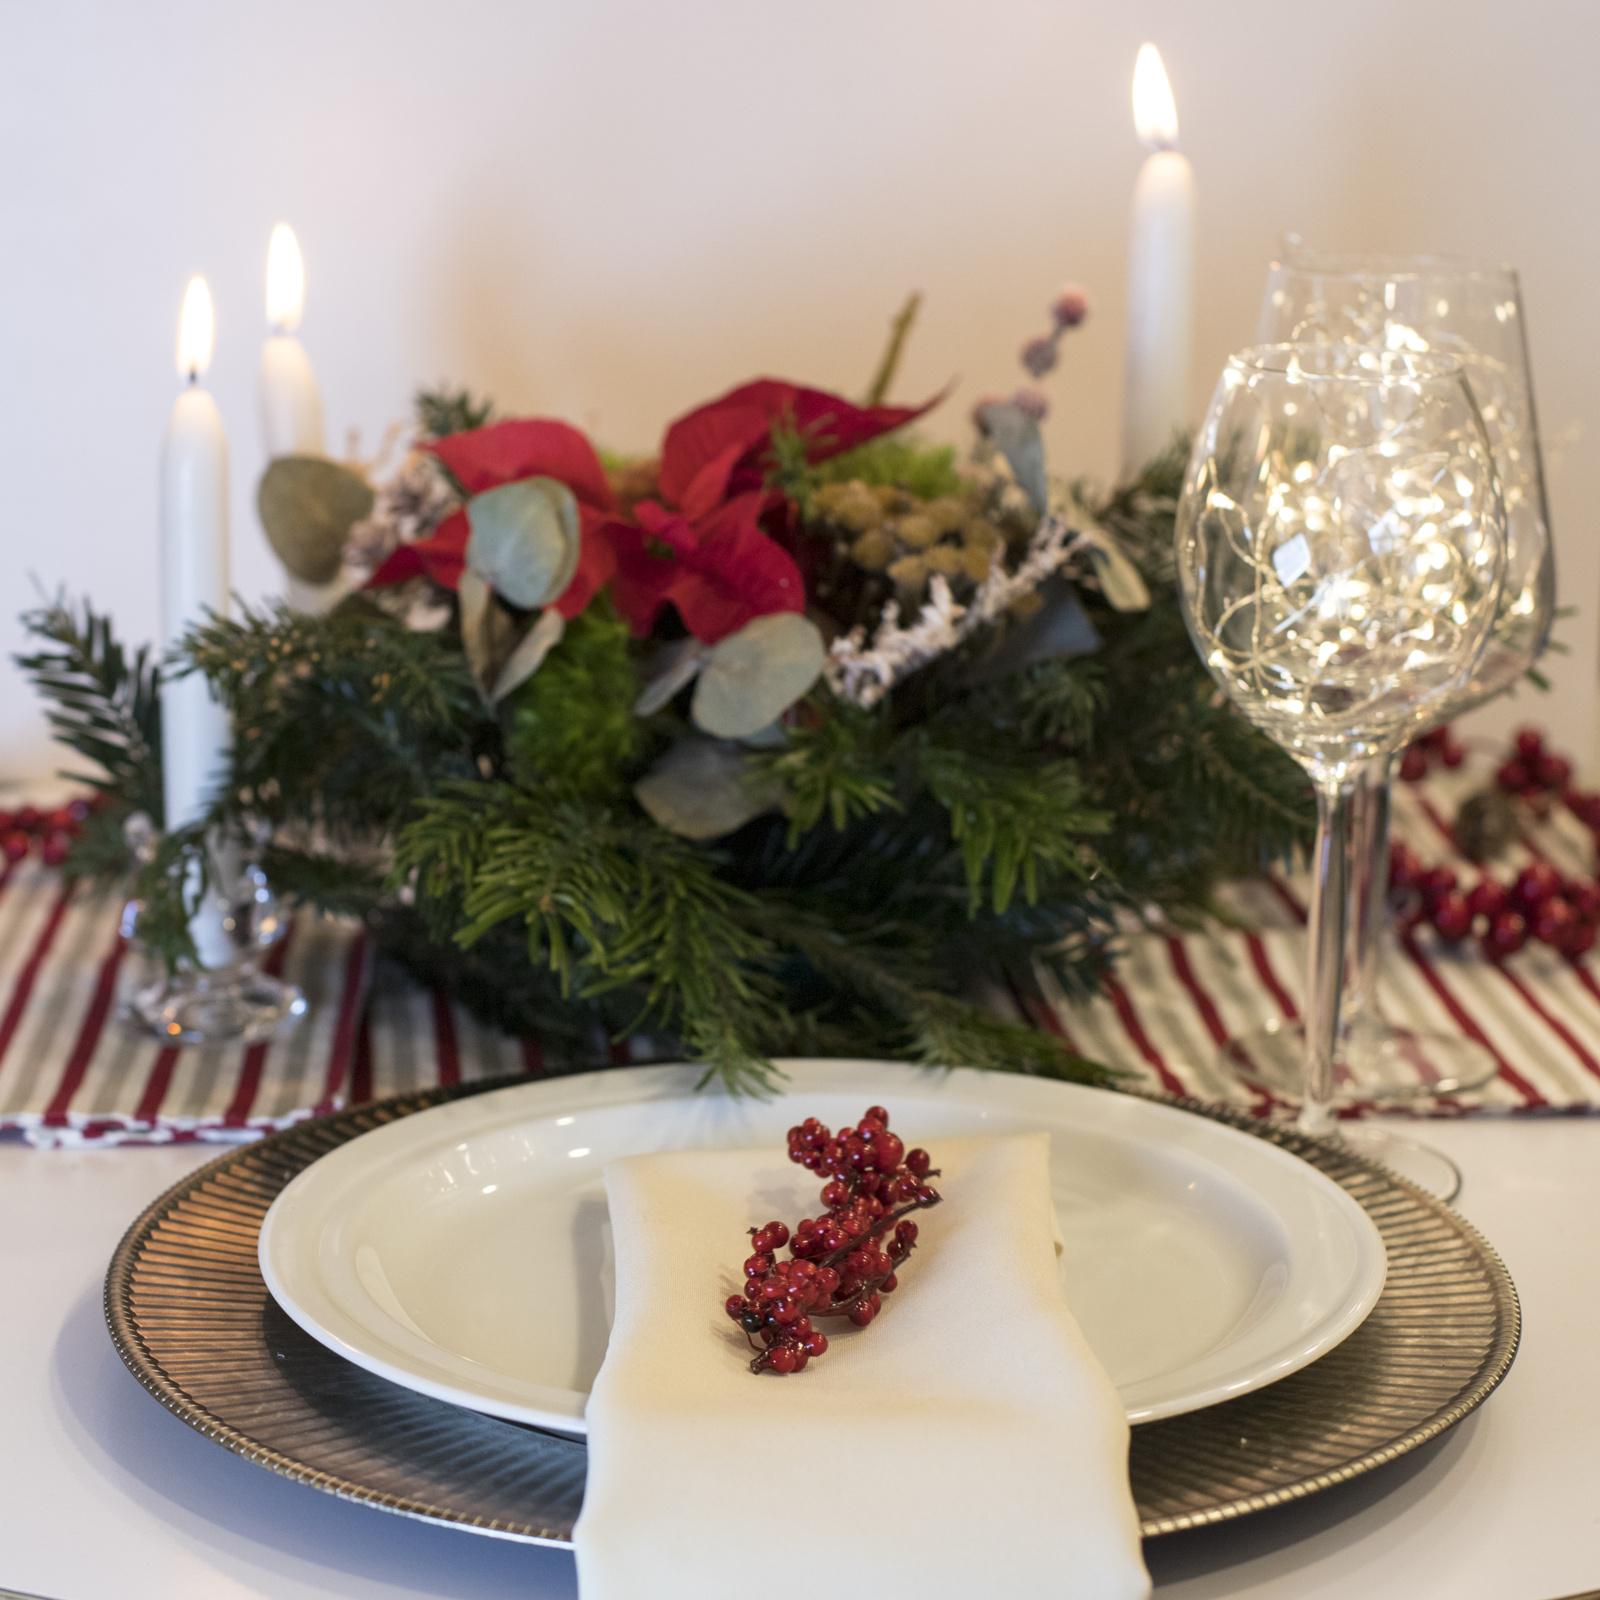 Kalėdinio stalo dekoravimo tradicija yra kur kas senesnė nei eglės puošimas